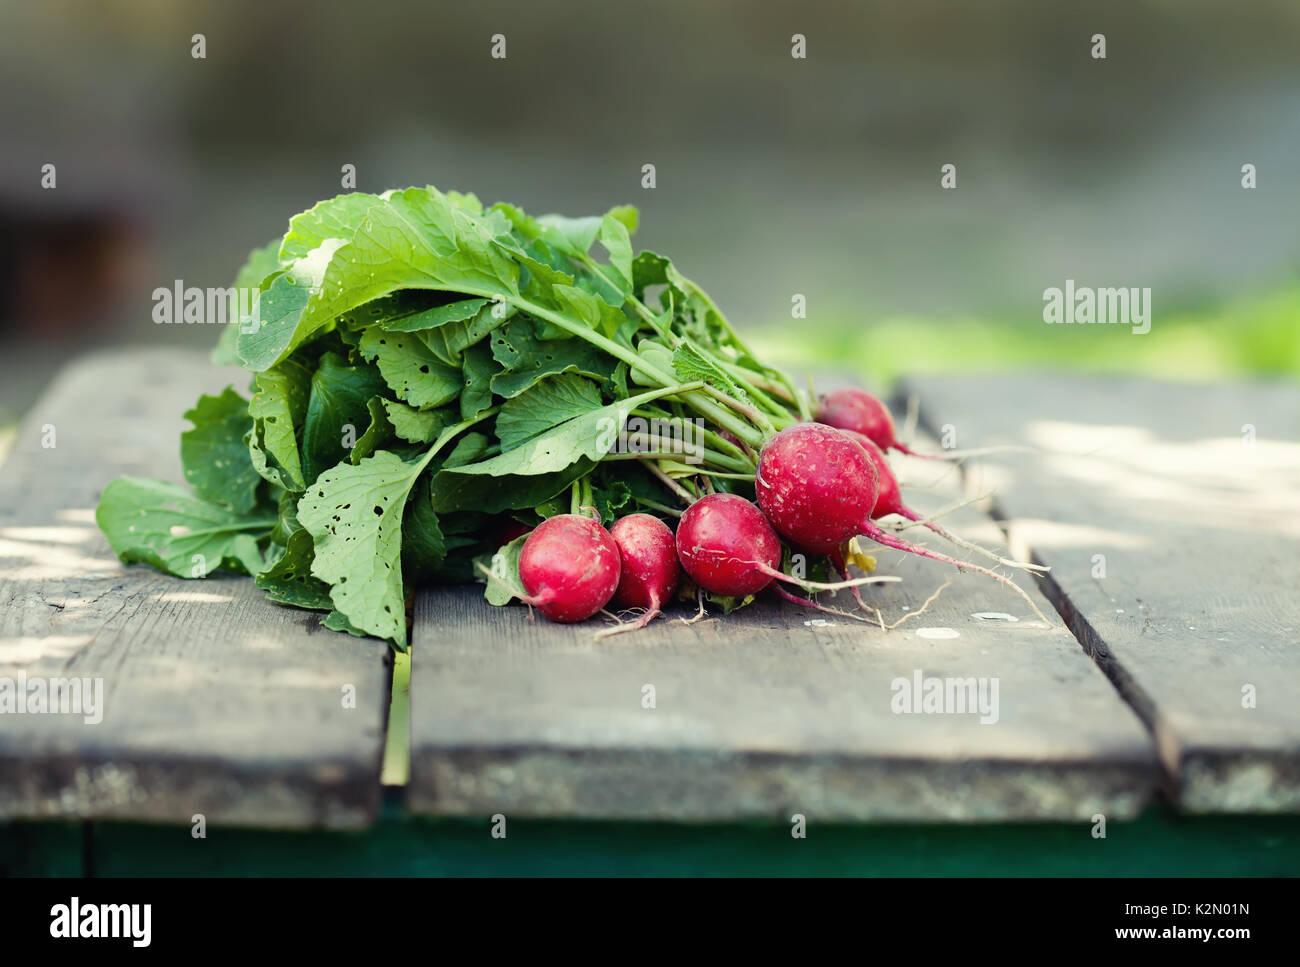 Rábano maduro en el fondo de la tabla de madera. Los agricultores la comida aún la vida. Poca profundidad de campo, enfoque selectivo Imagen De Stock